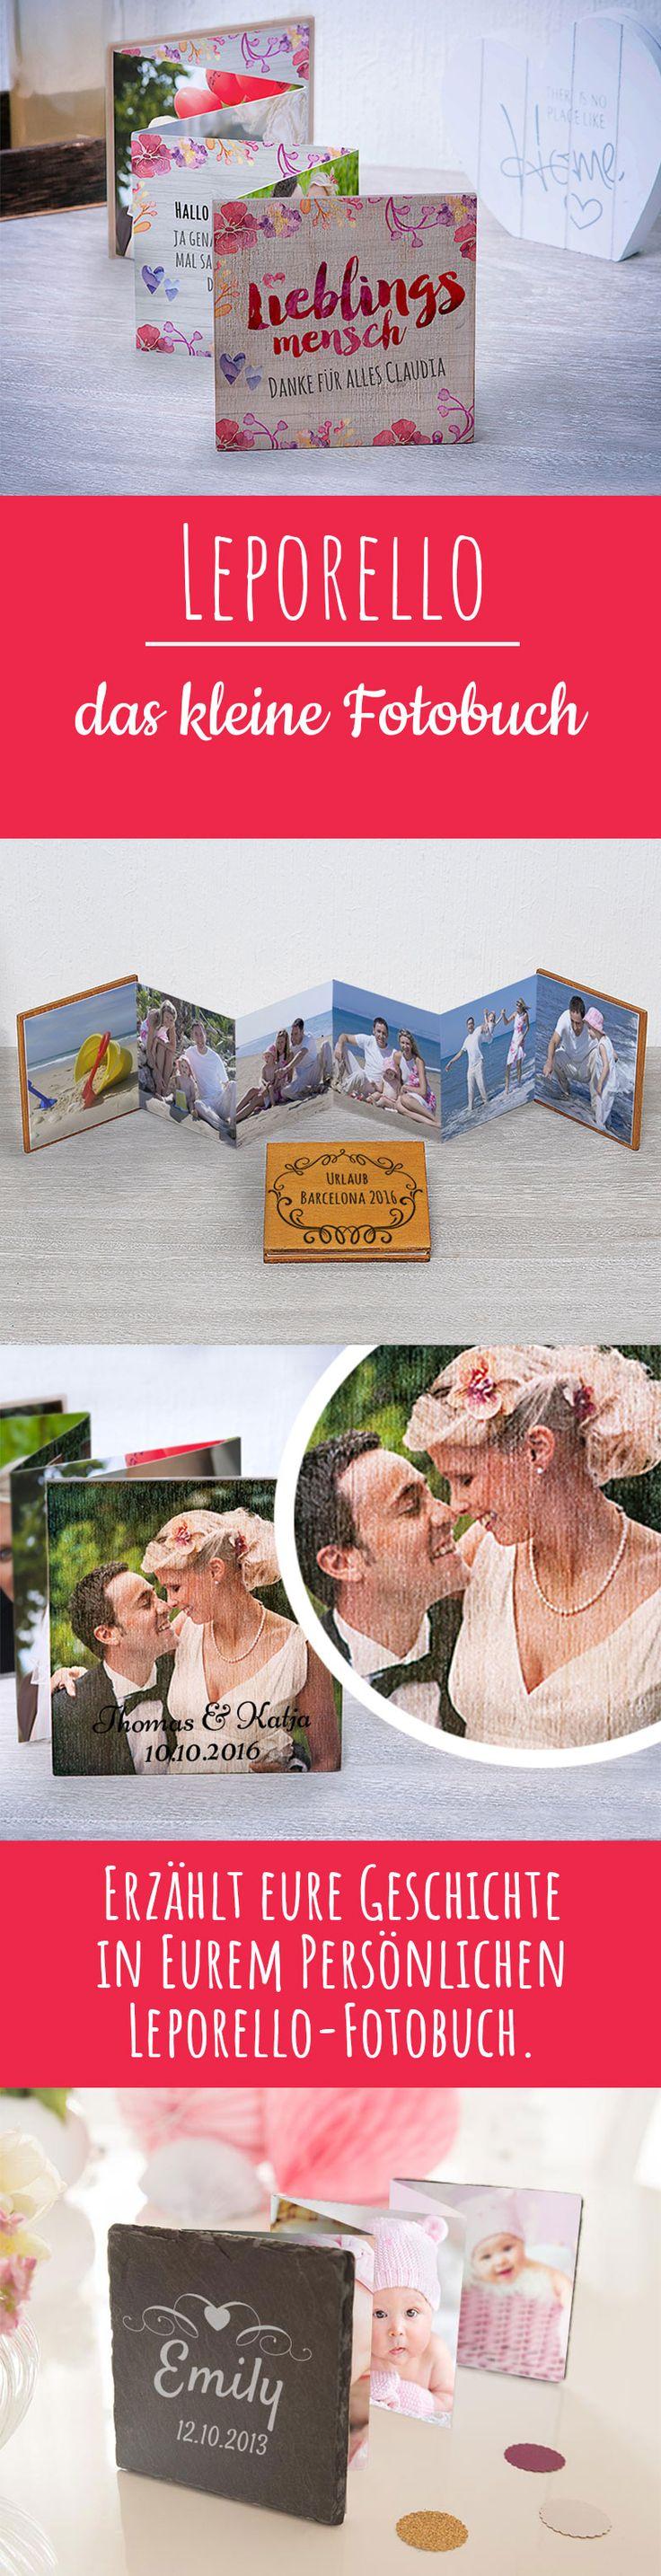 die besten 25 romantische geschenke ideen auf pinterest romantische ideen g nstige geschenke. Black Bedroom Furniture Sets. Home Design Ideas